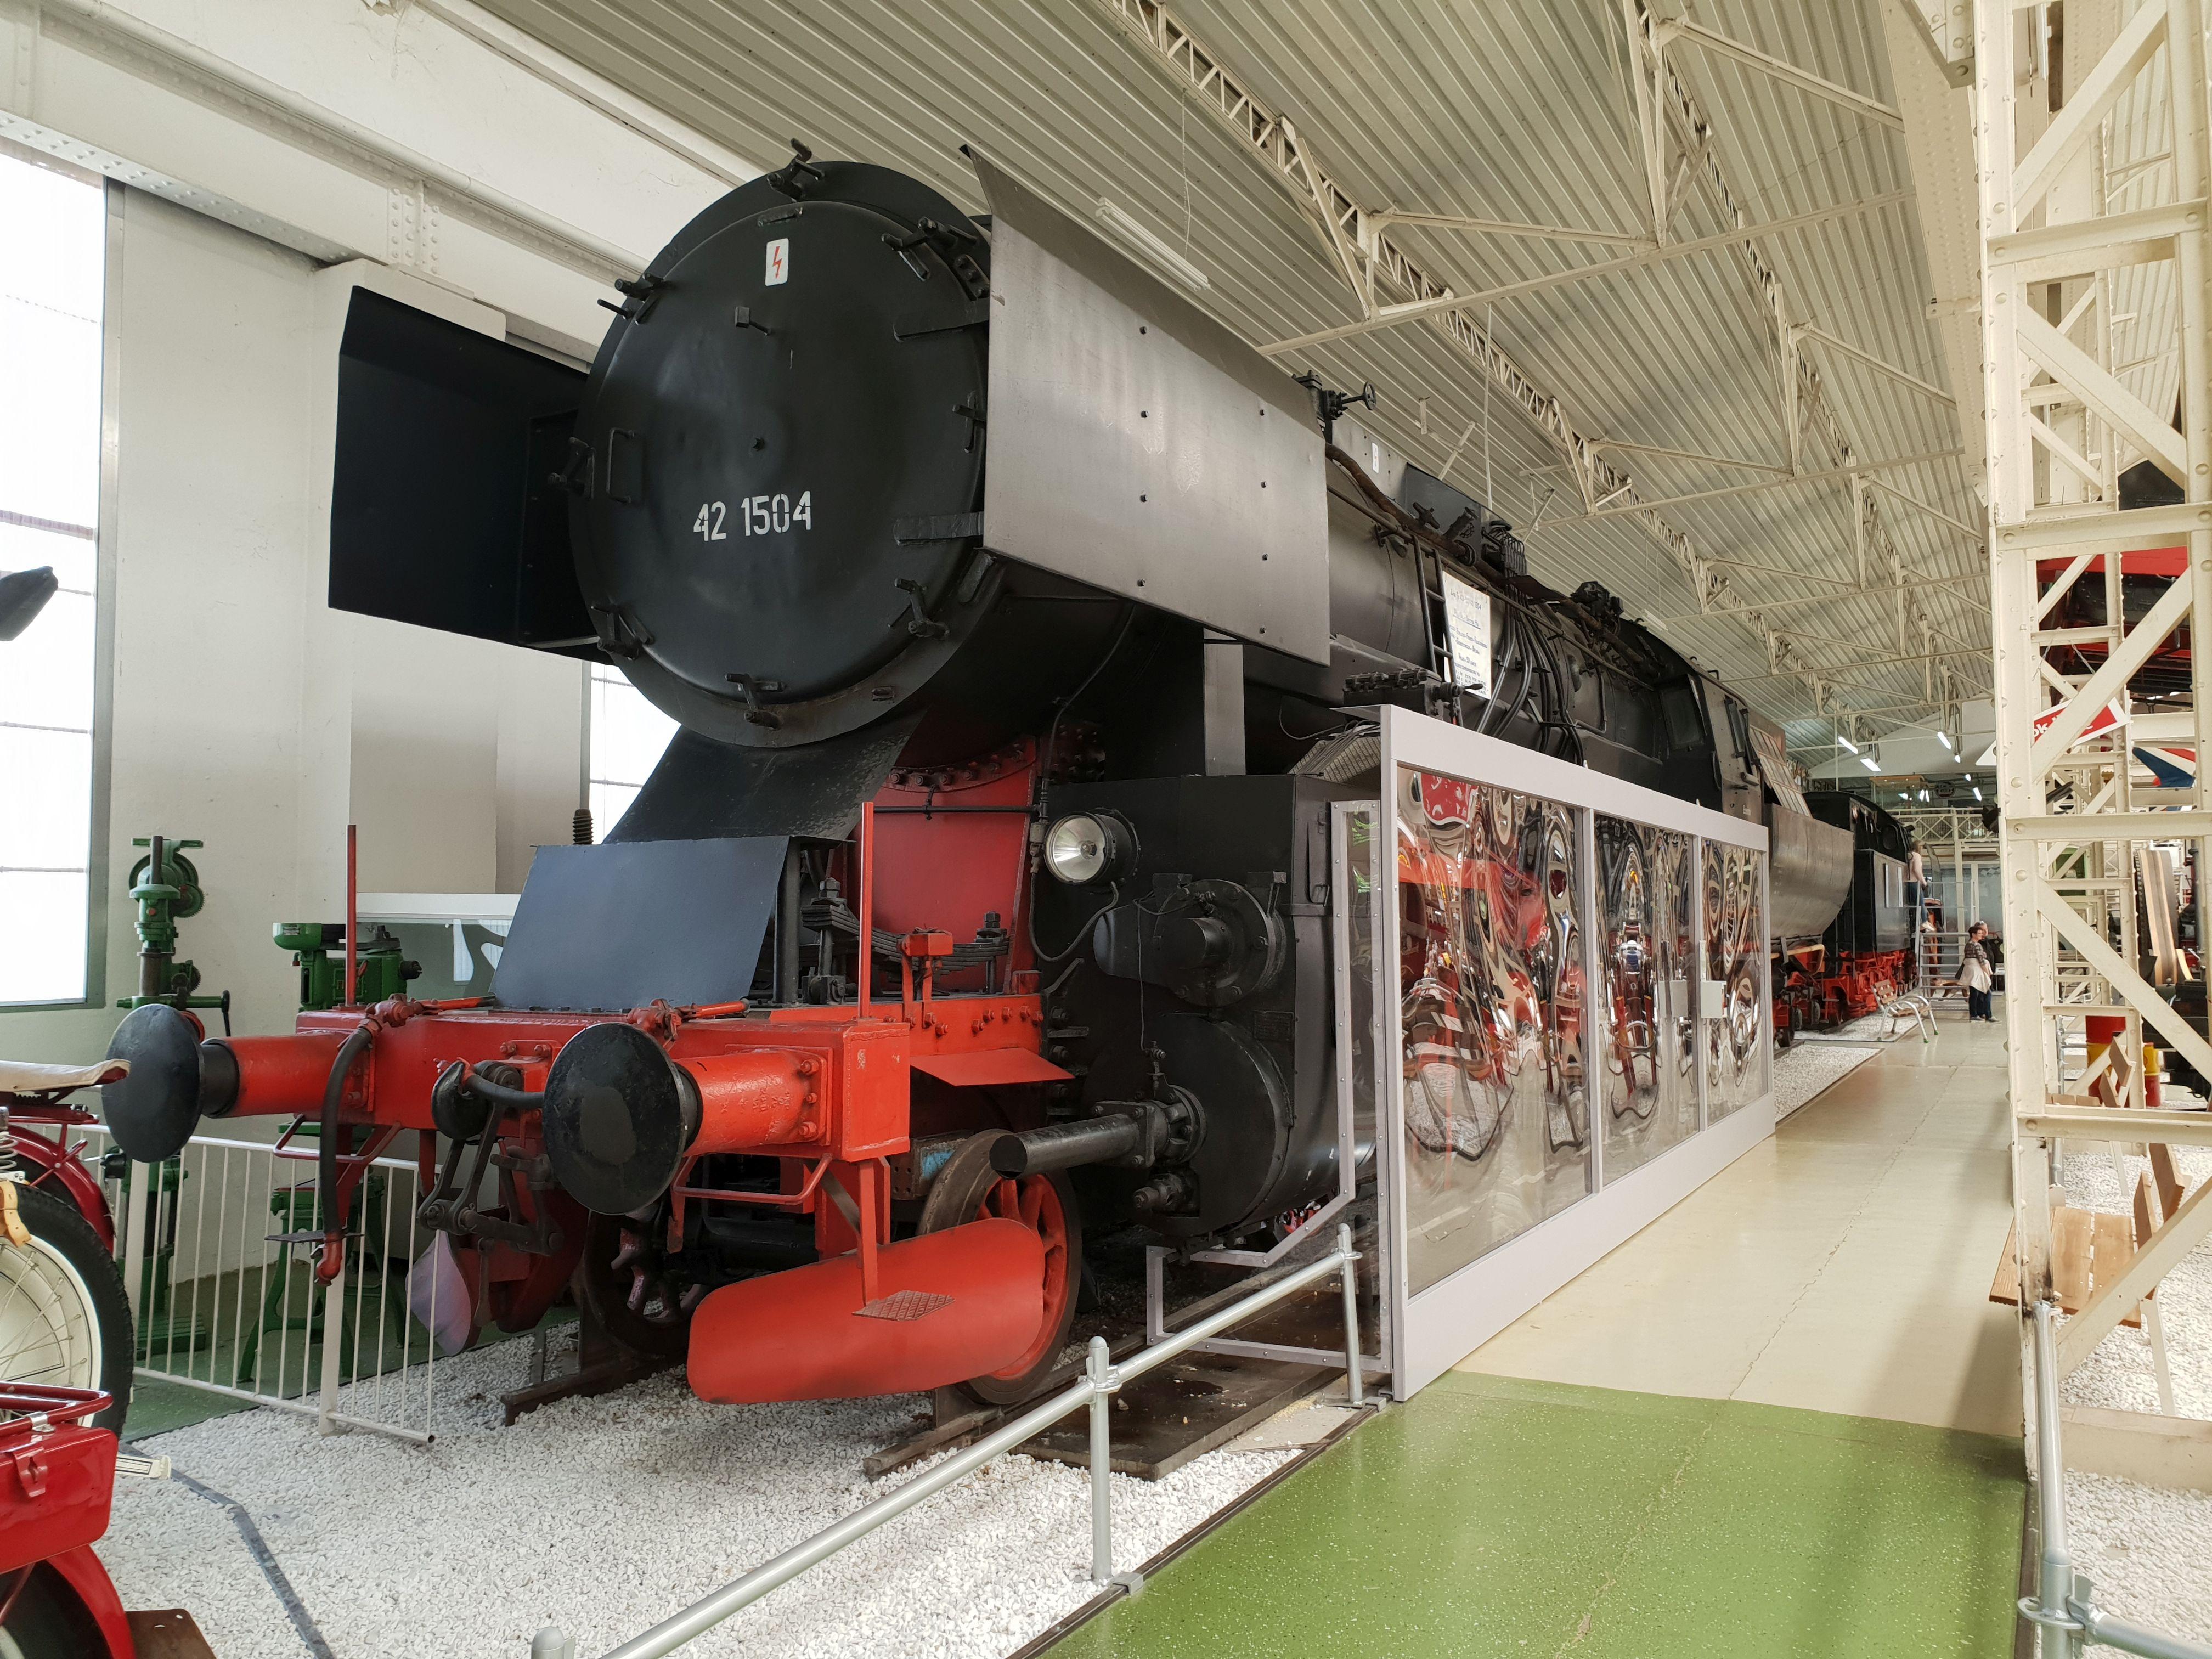 42 1504 Speyer 2018